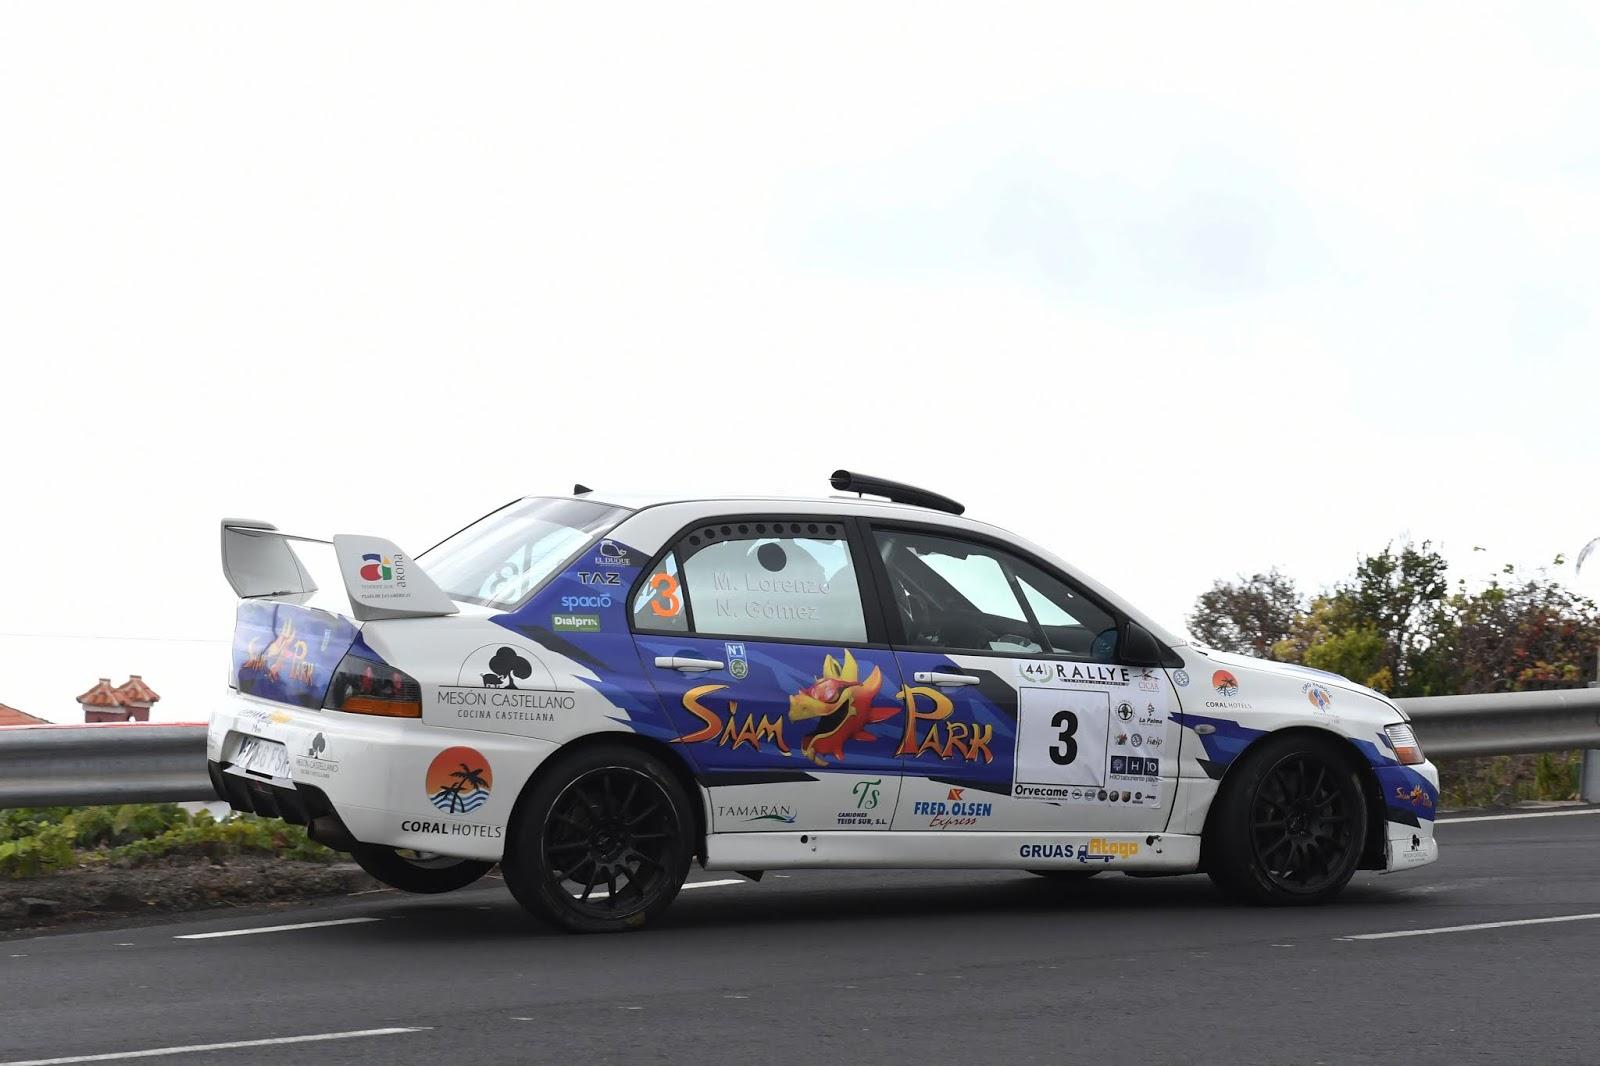 El Rallye Isla Bonita repetirá el recorrido de la pasada edición